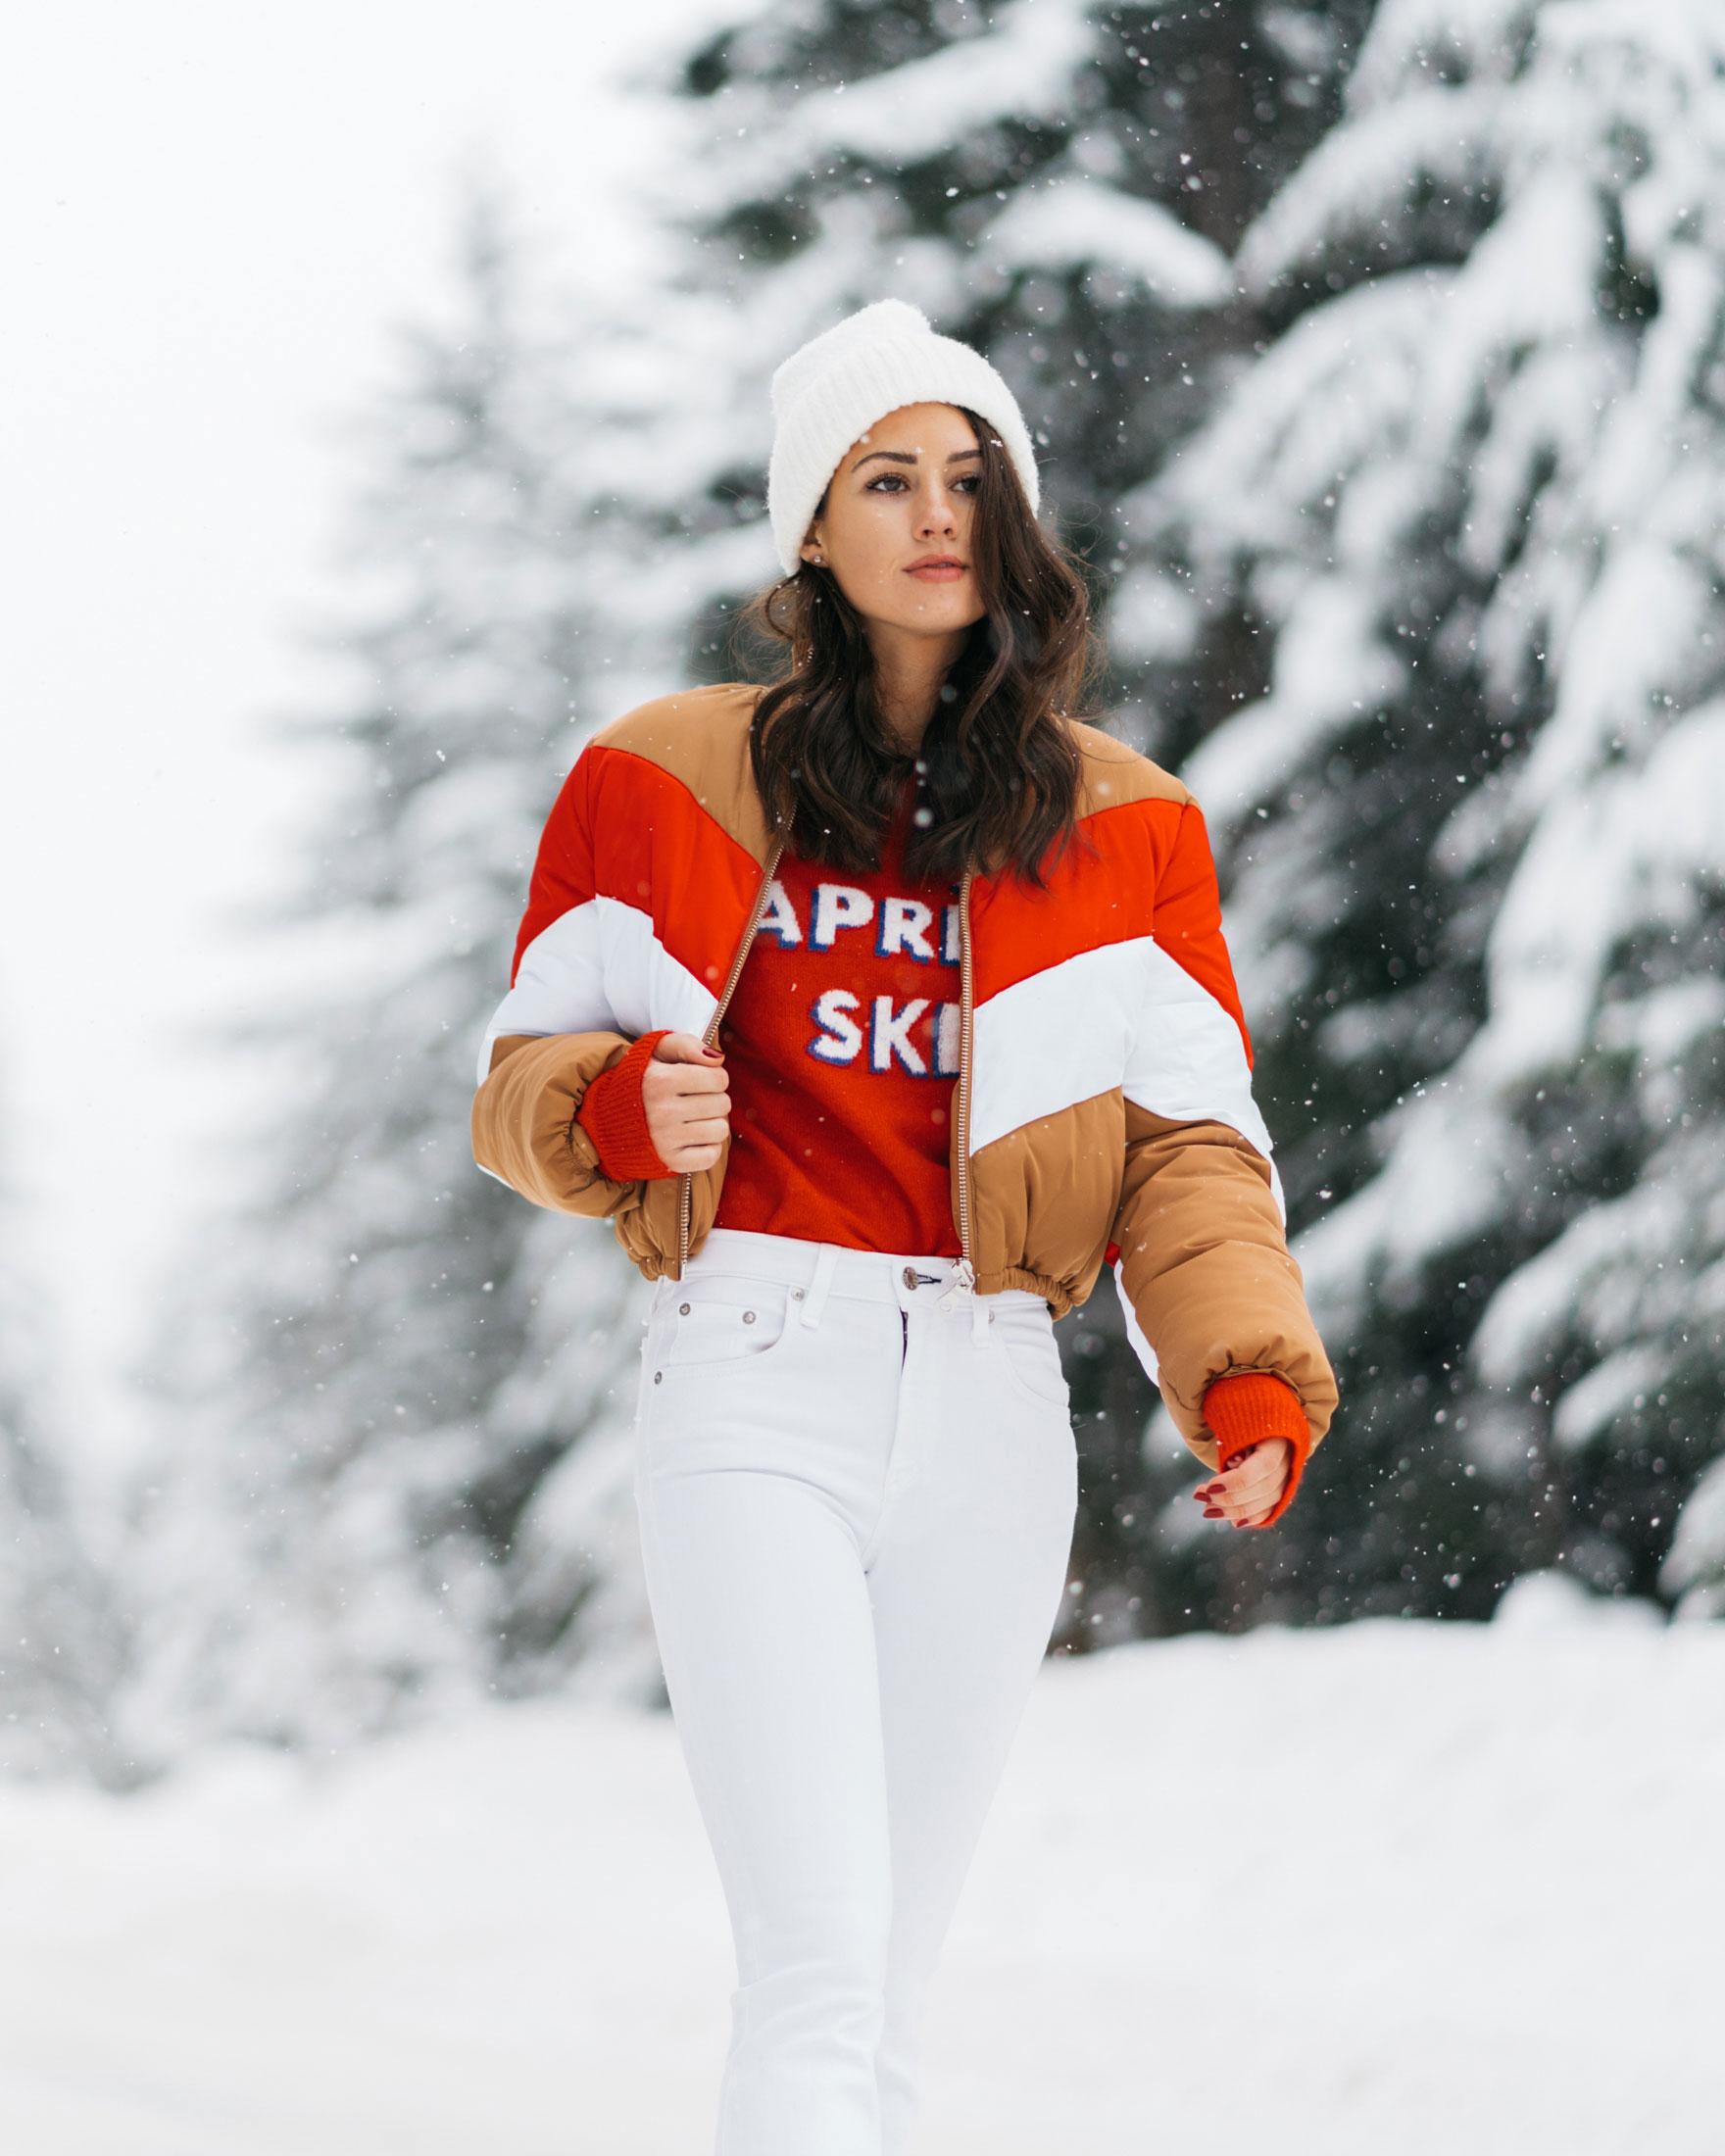 apres-ski-1.jpg